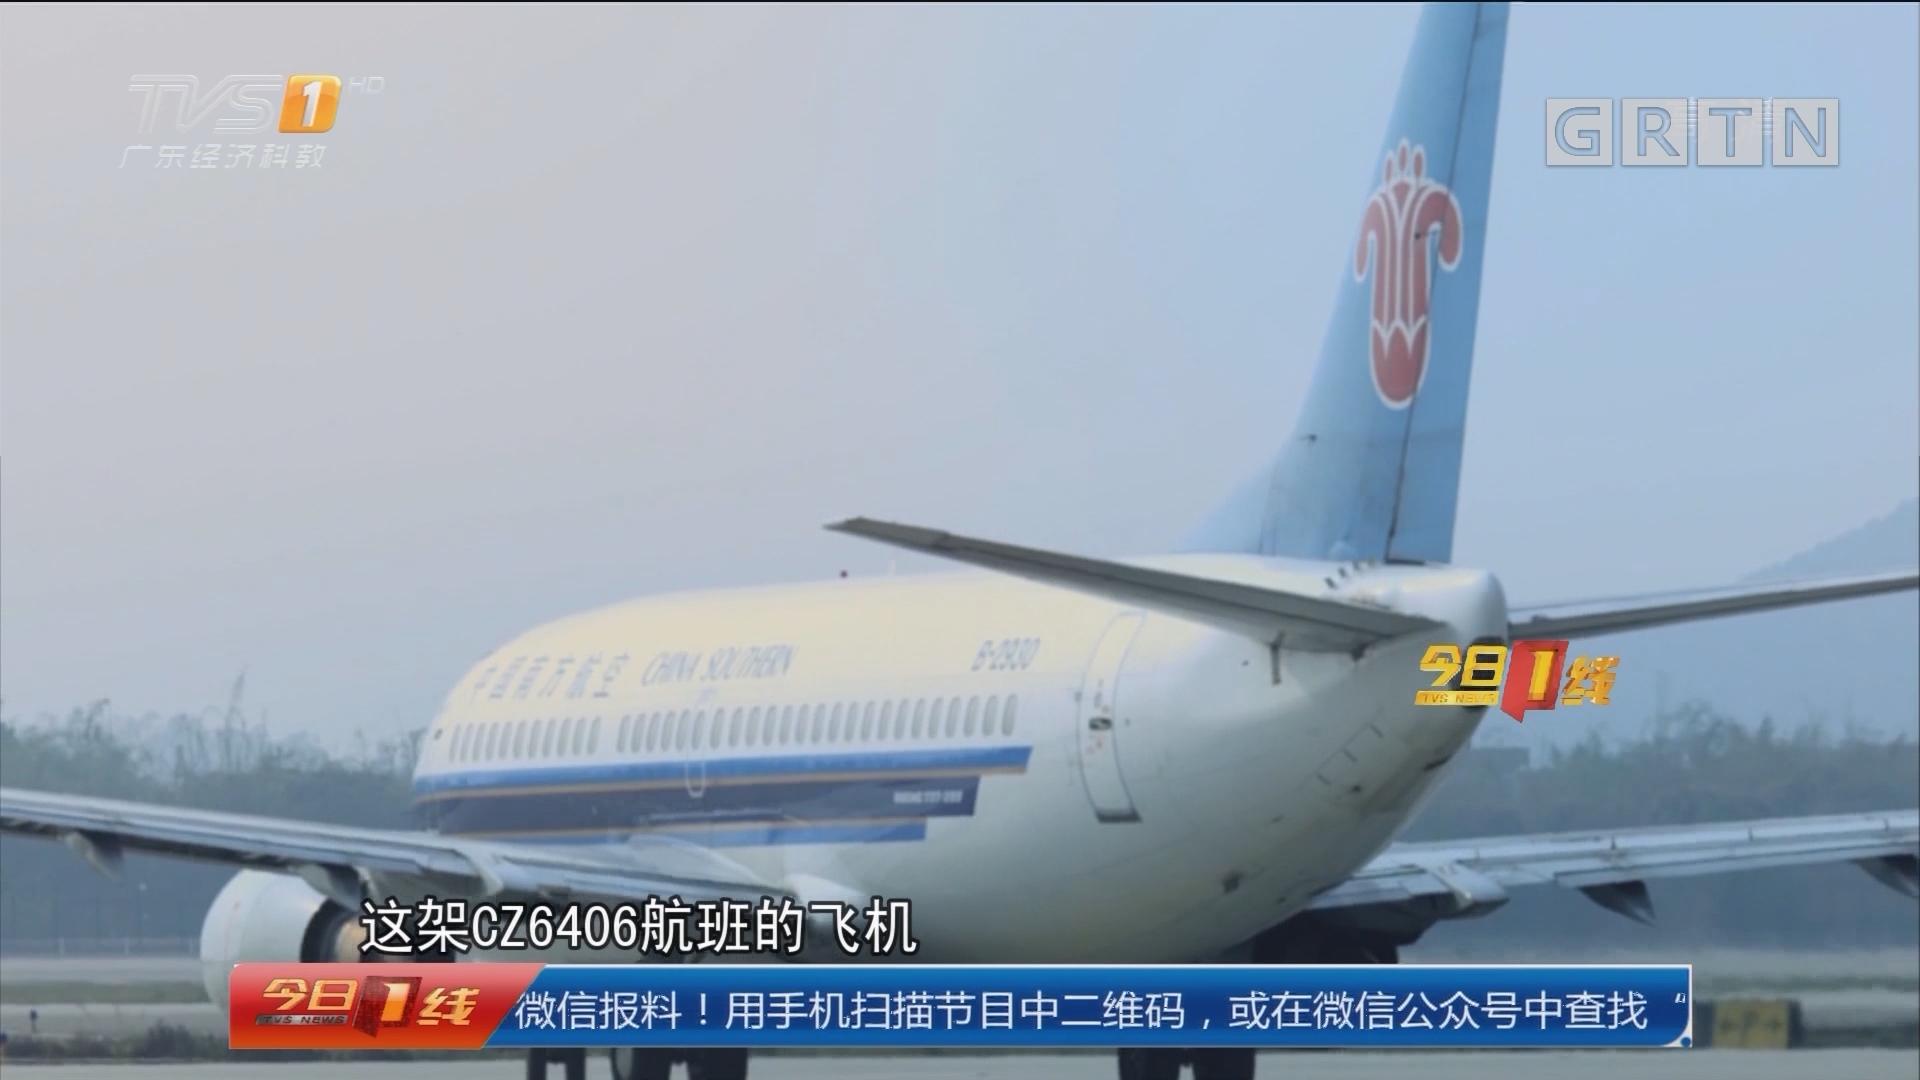 湖南长沙:南航一客机货舱报火警 紧急备降